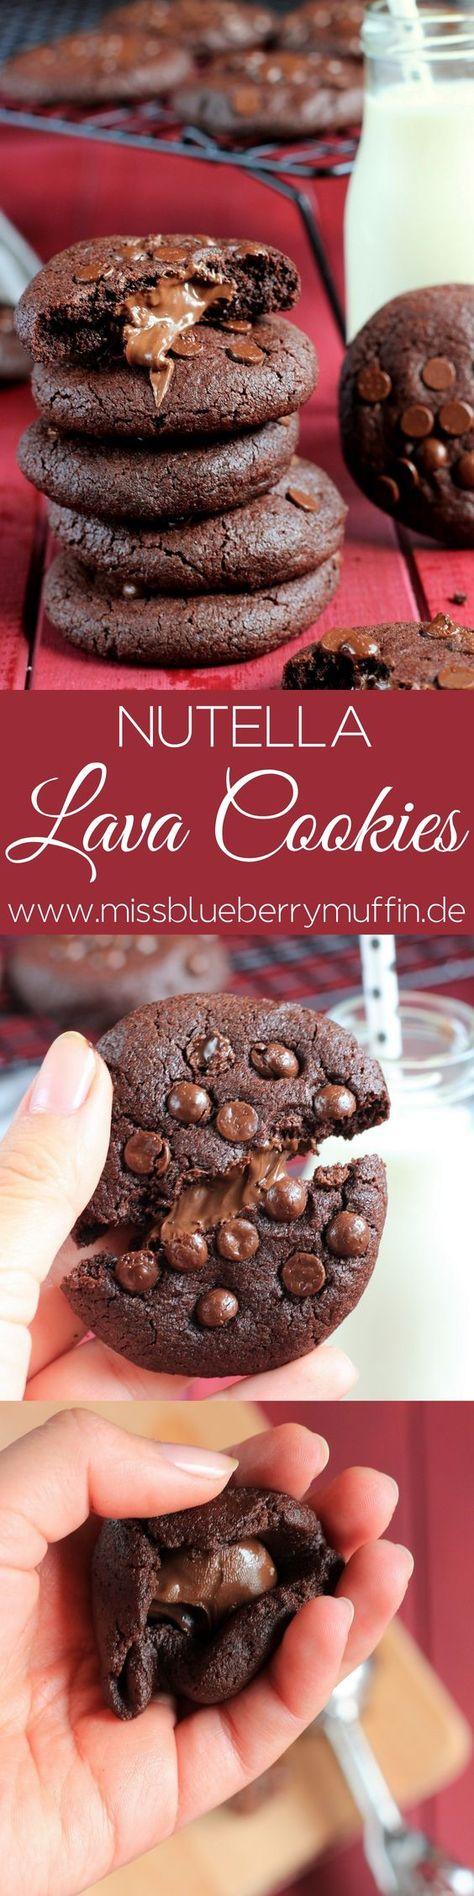 rezept f r die besten gef llten nutellla lava cookies. Black Bedroom Furniture Sets. Home Design Ideas